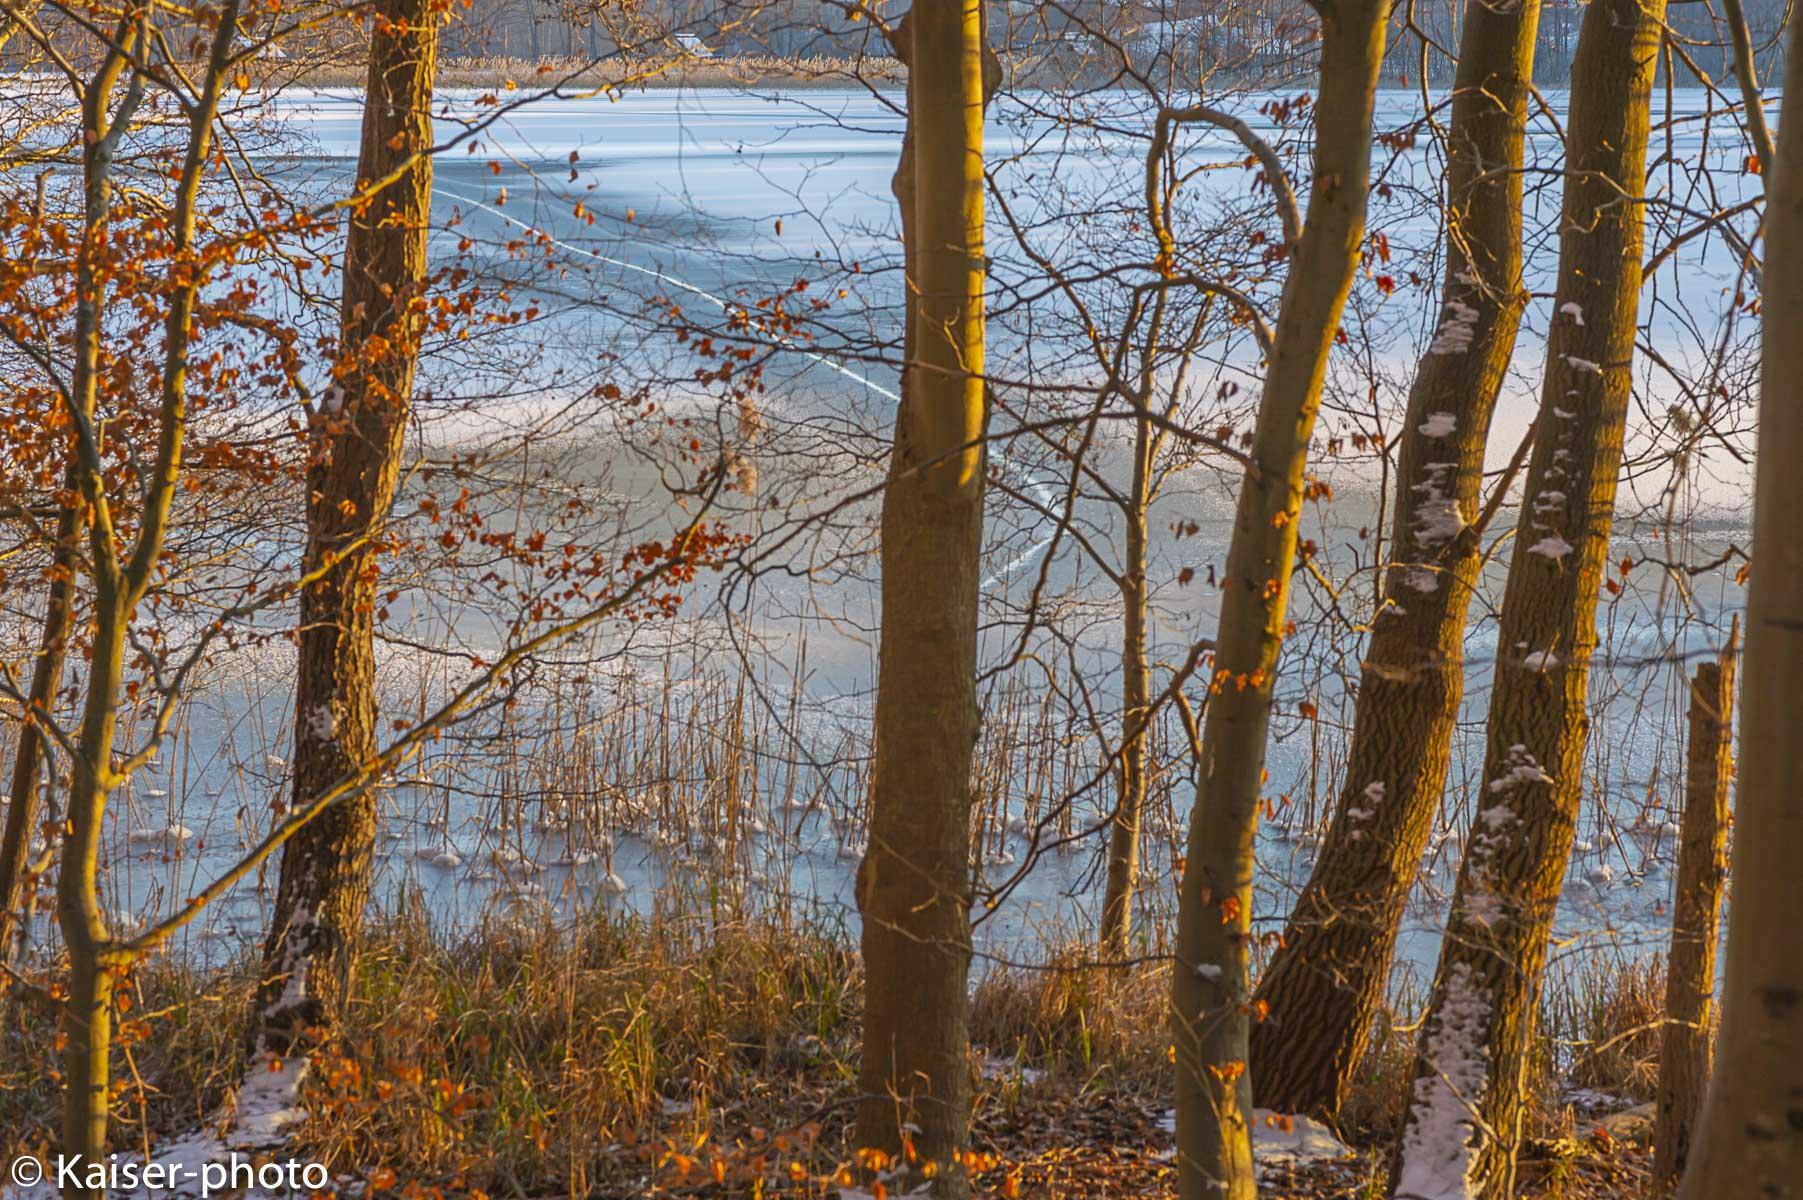 Blick durch den Wald auf den zugefrorenen See